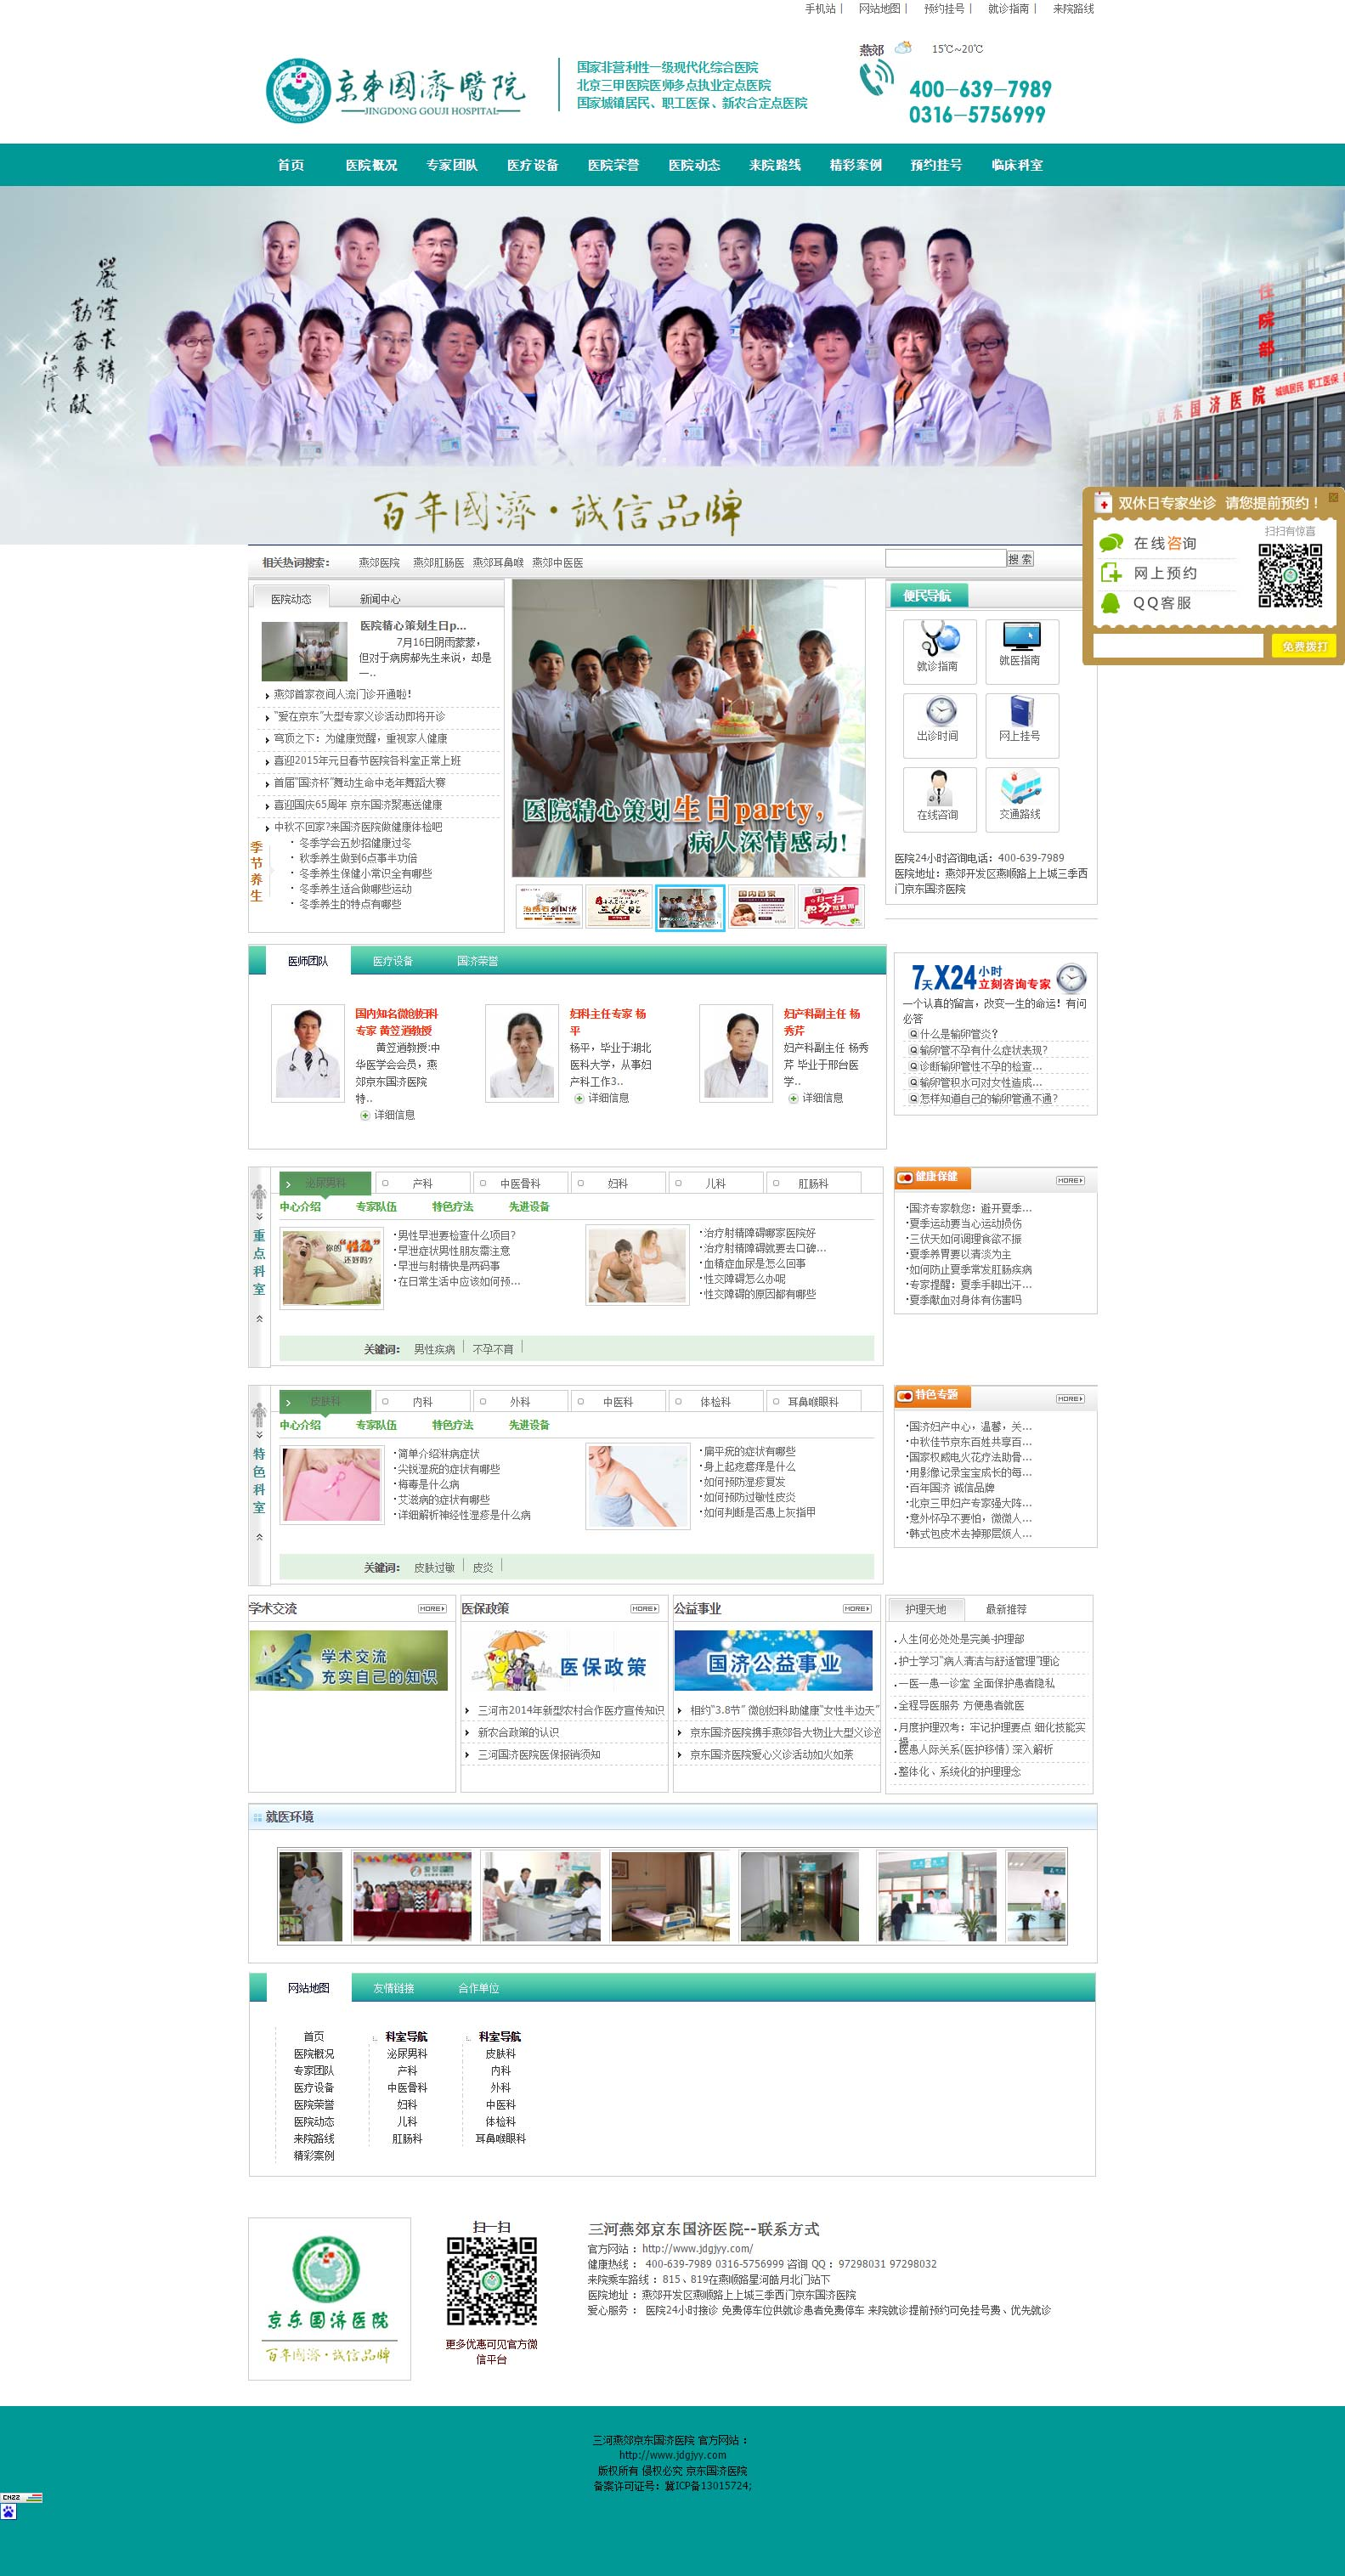 醫院醫療網站